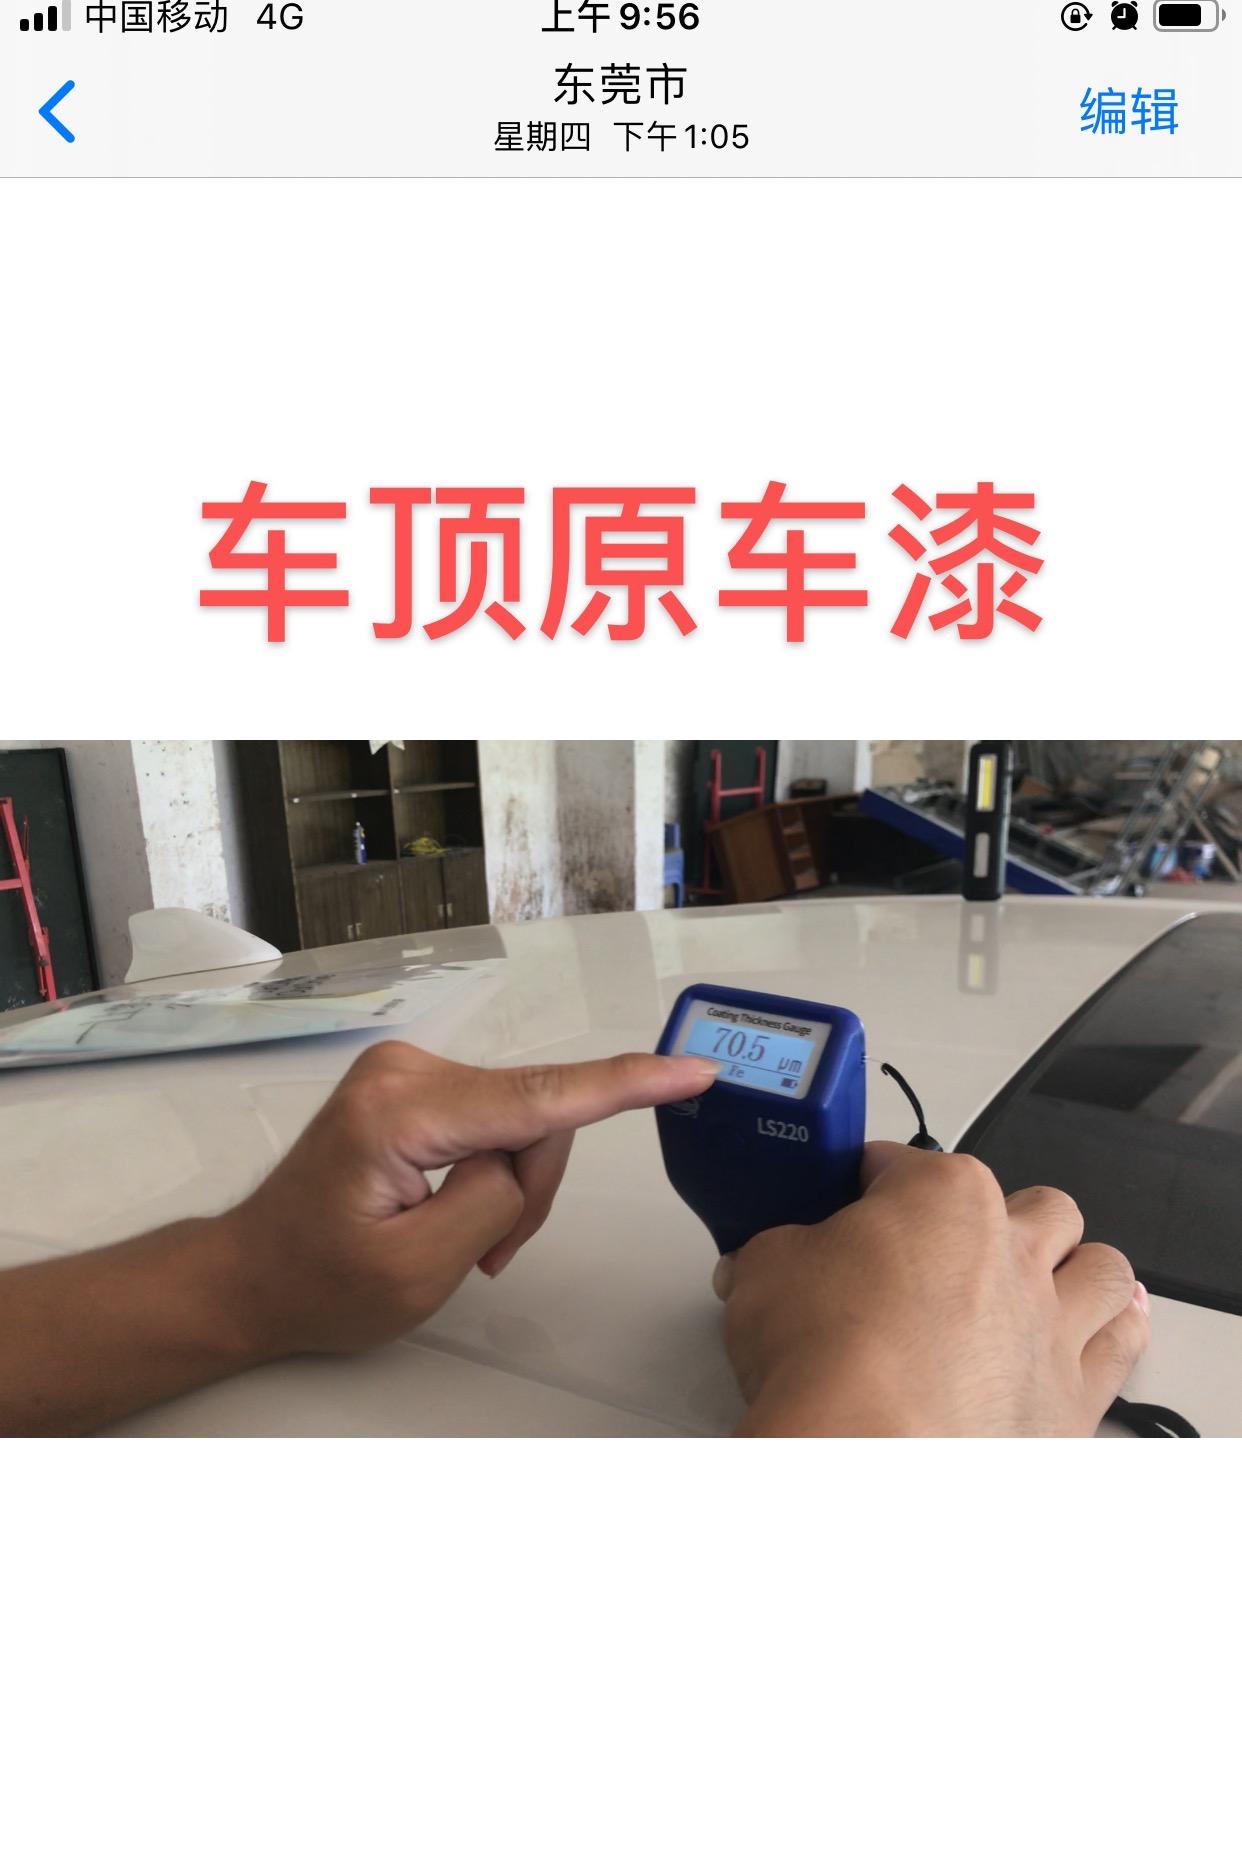 广汽本田雅阁车辆空调格和车漆有问题,厂家却不积极给予处理方案